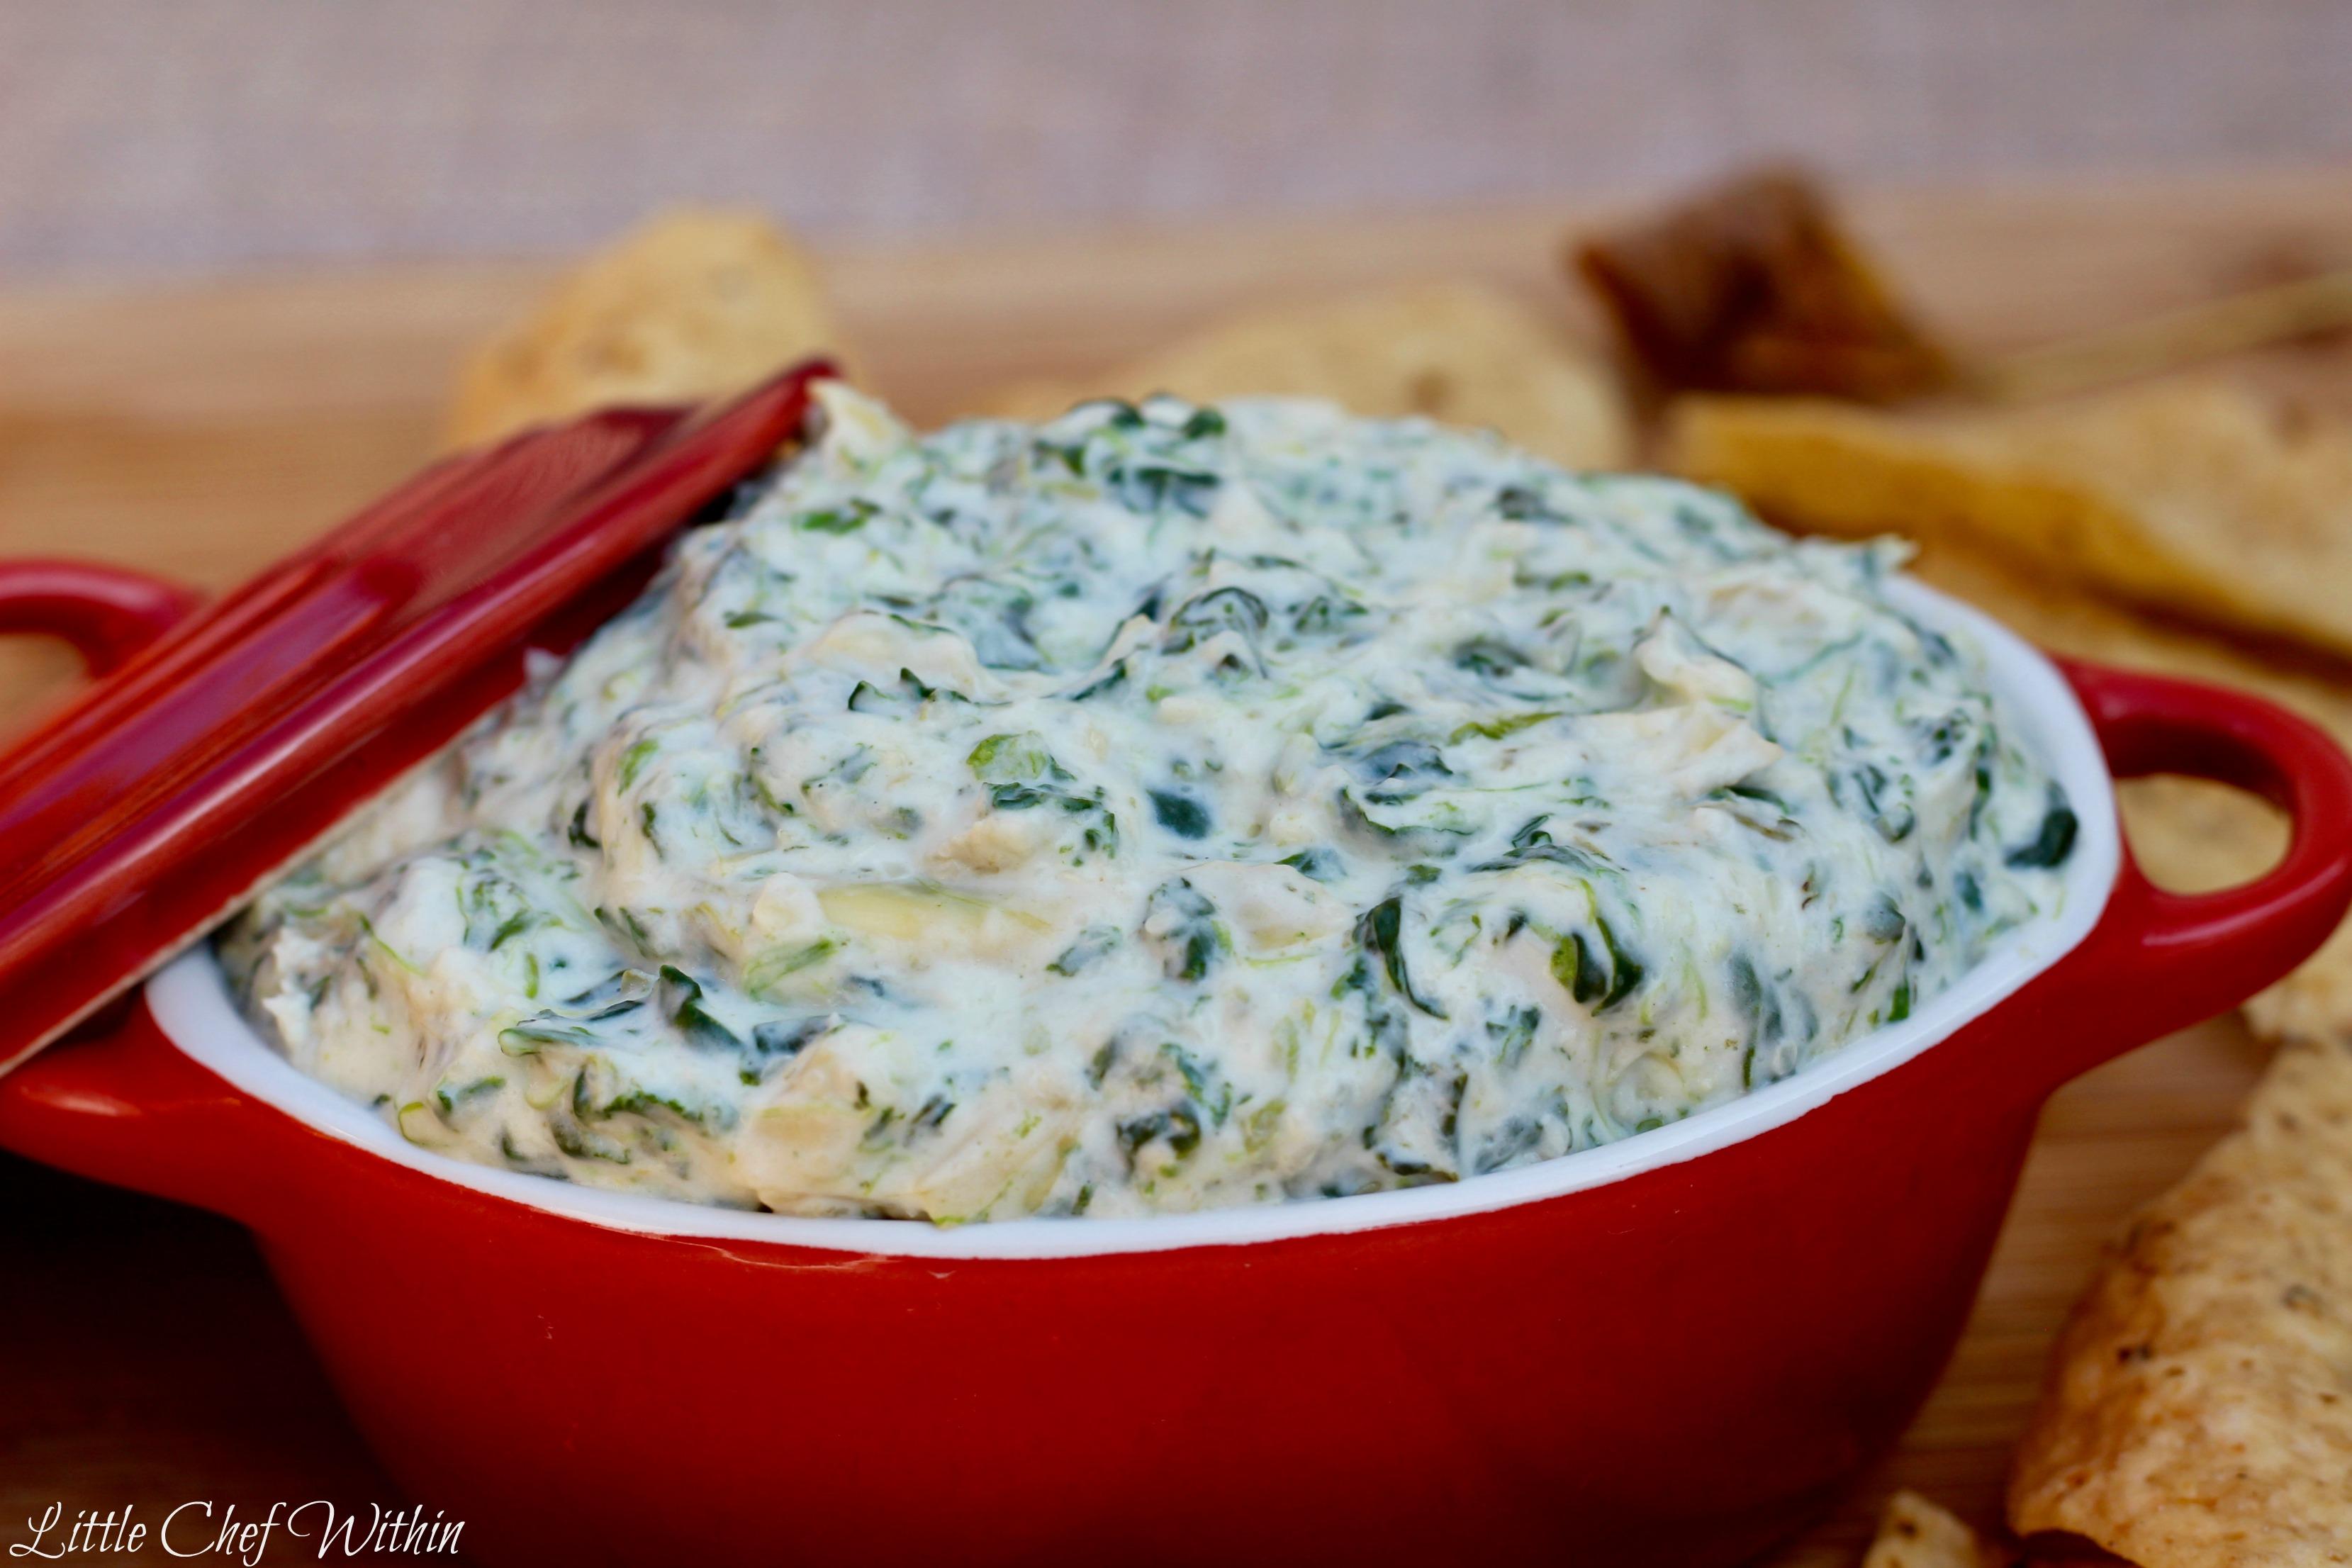 Creamy Artichoke & Spinach Dip (Olive Garden Copycat)